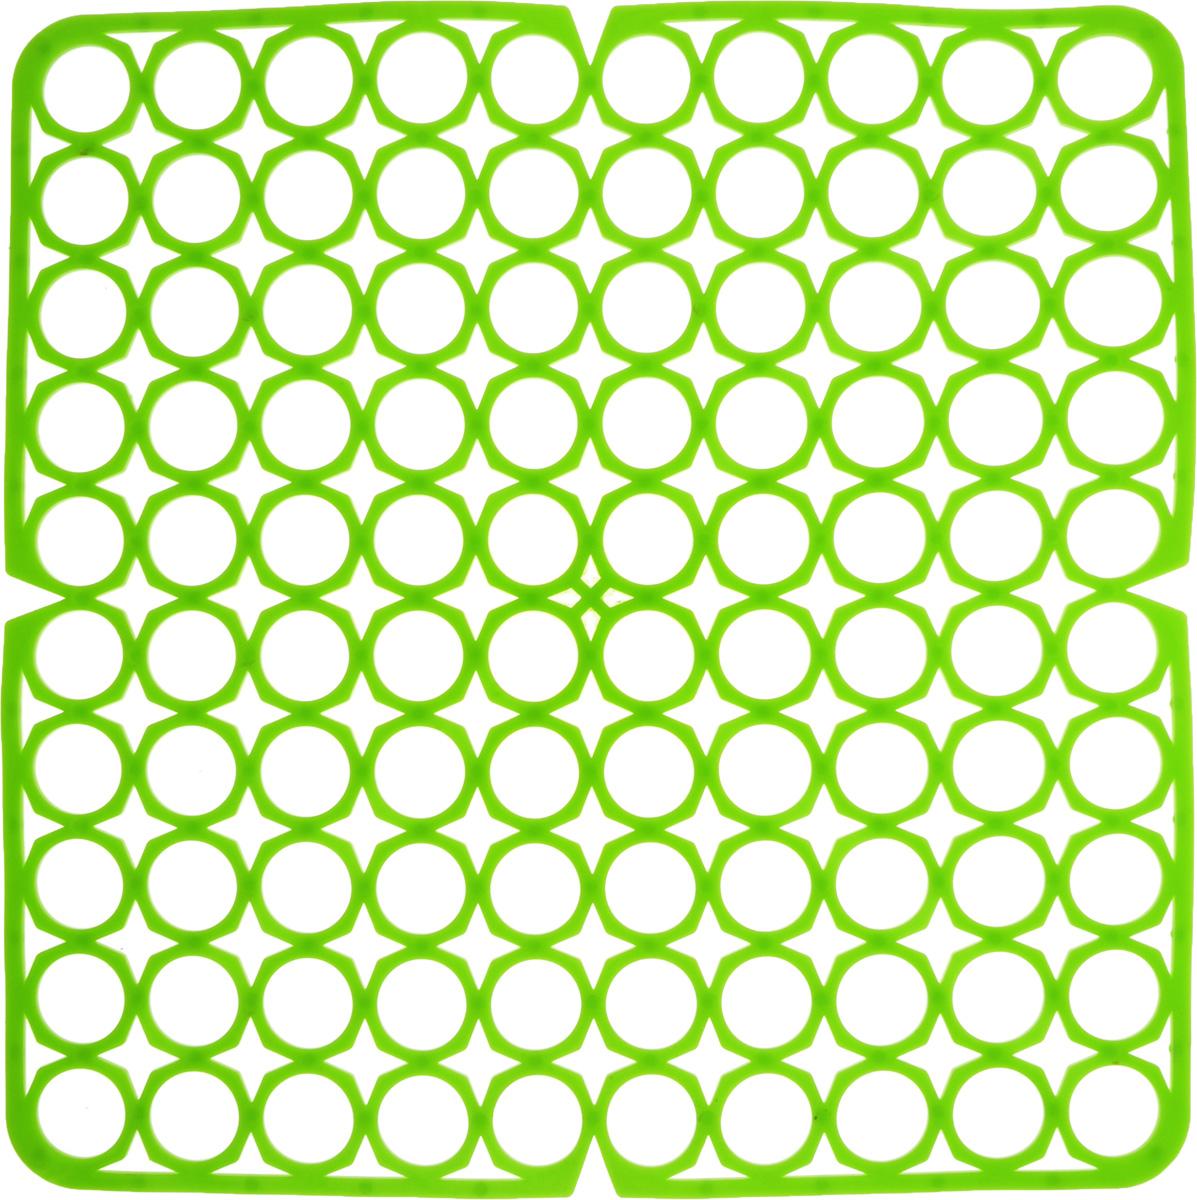 Коврик для раковины York, цвет: салатовый, 27,5 х 27,5 см9561/095610_салатовыйСтильный и удобный коврик для раковины York изготовлен из сложных полимеров. Он одновременно выполняет несколько функций: украшает, защищает мойку от царапин и сколов, смягчает удары при падении посуды в мойку. Коврик также можно использовать для сушки посуды, фруктов и овощей. Он легко очищается от грязи и жира.